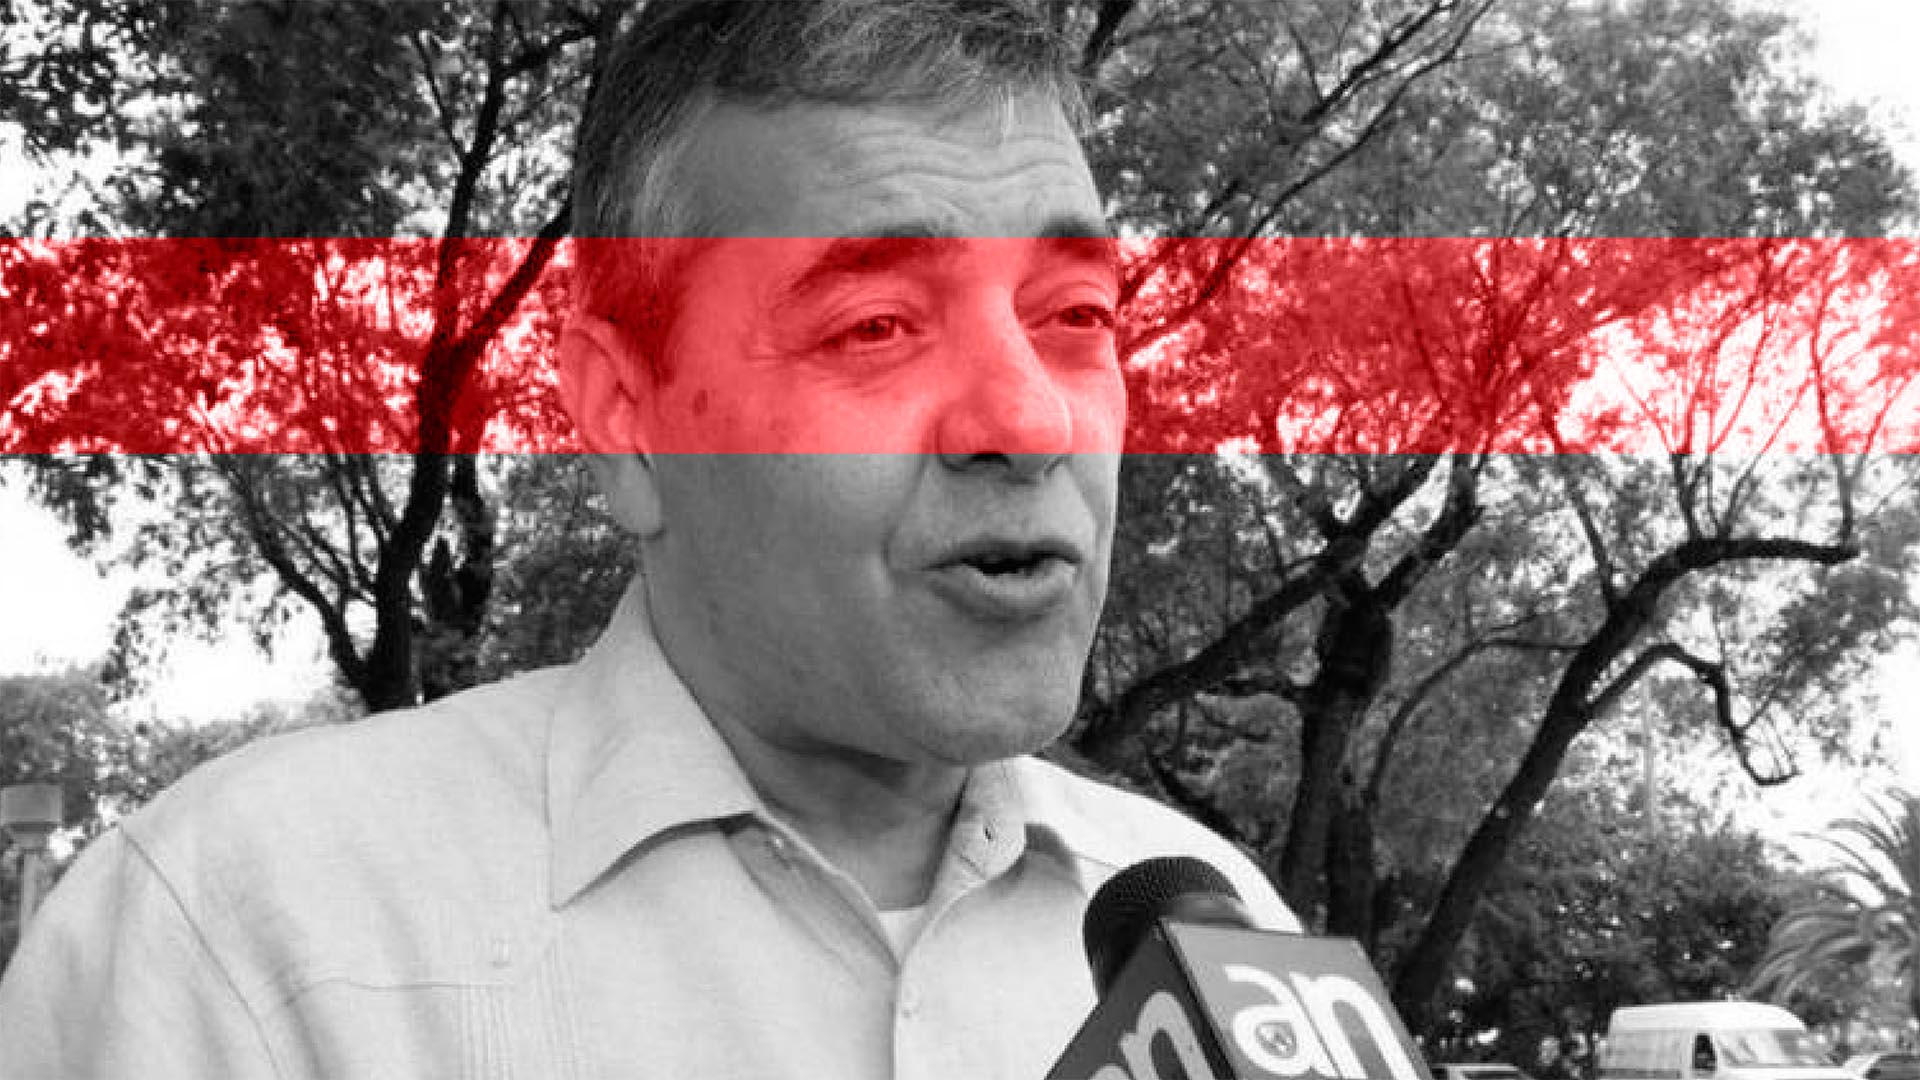 Runrunes de Bocaranda: MEDIO - ¿REPUBLI¢ANO, ¢ON$ERVADOR Y ROJITO?